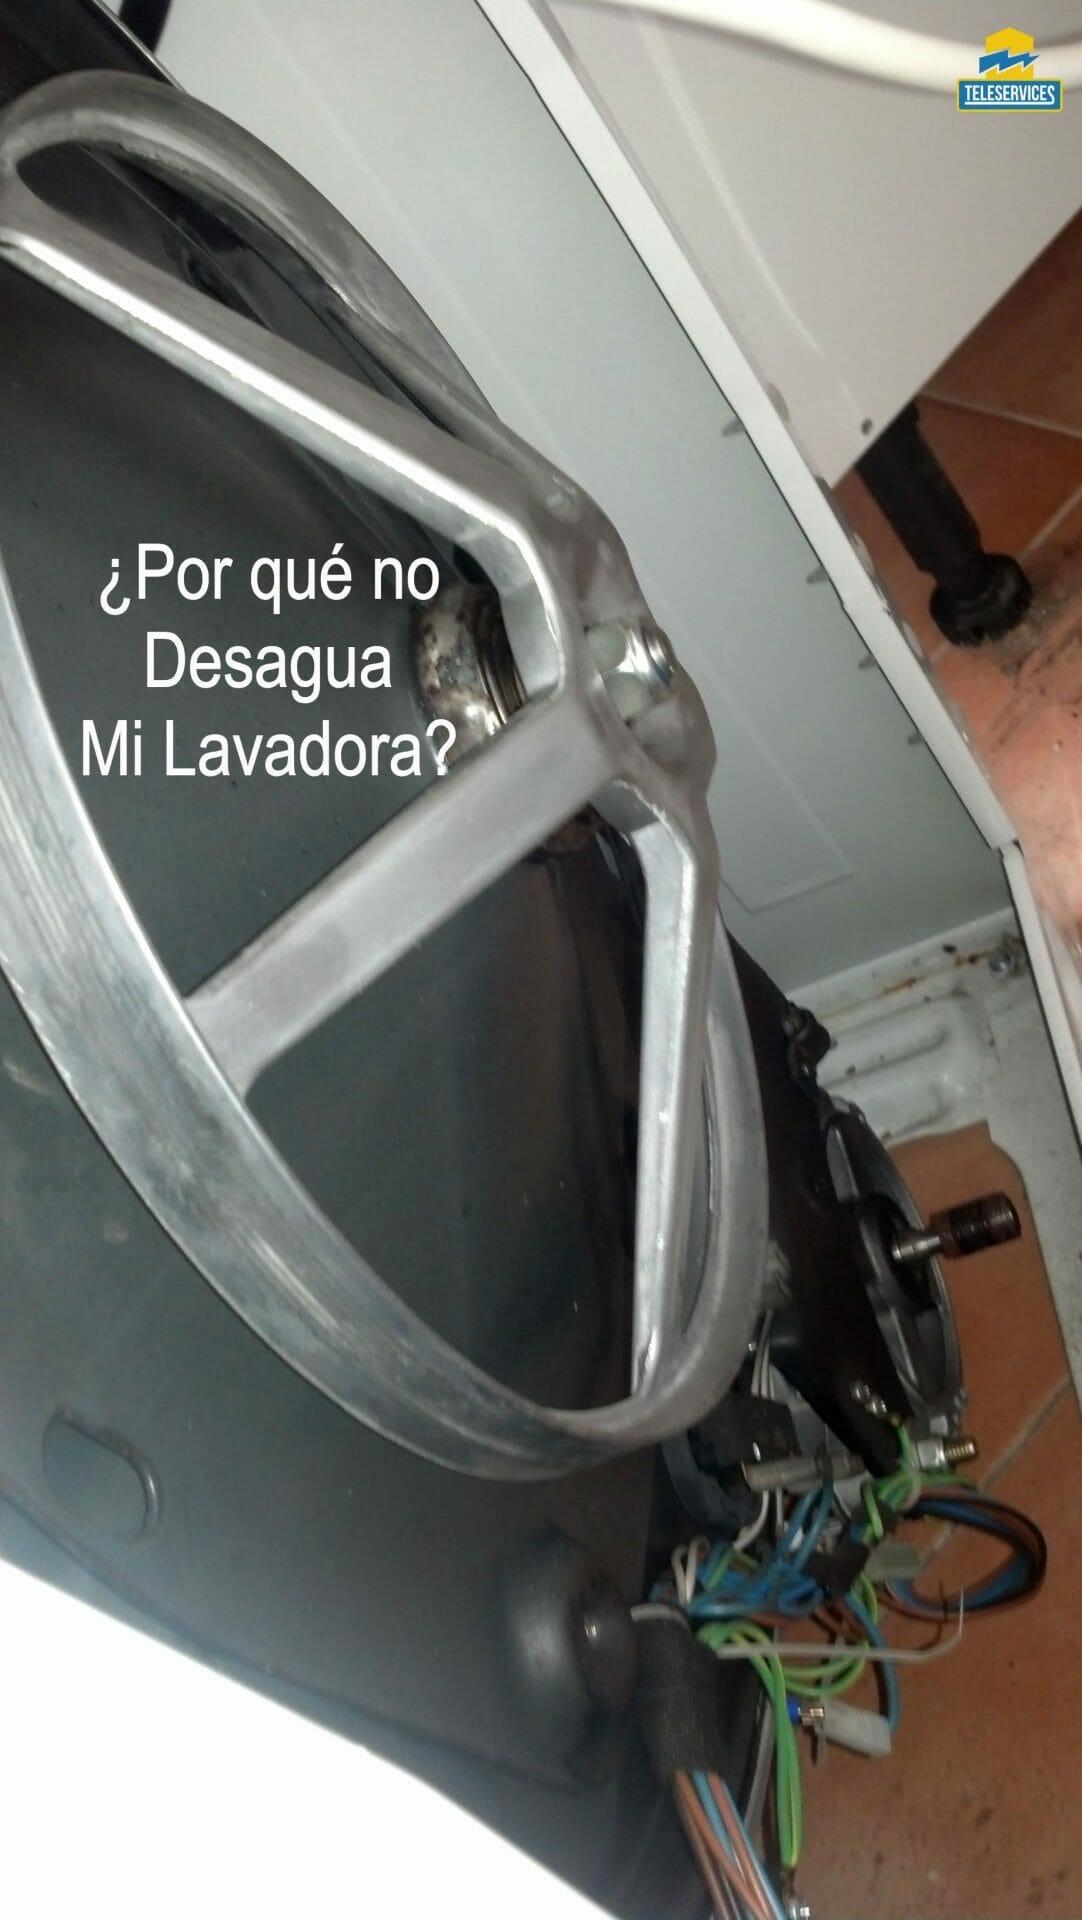 Mi lavadora no desagua1